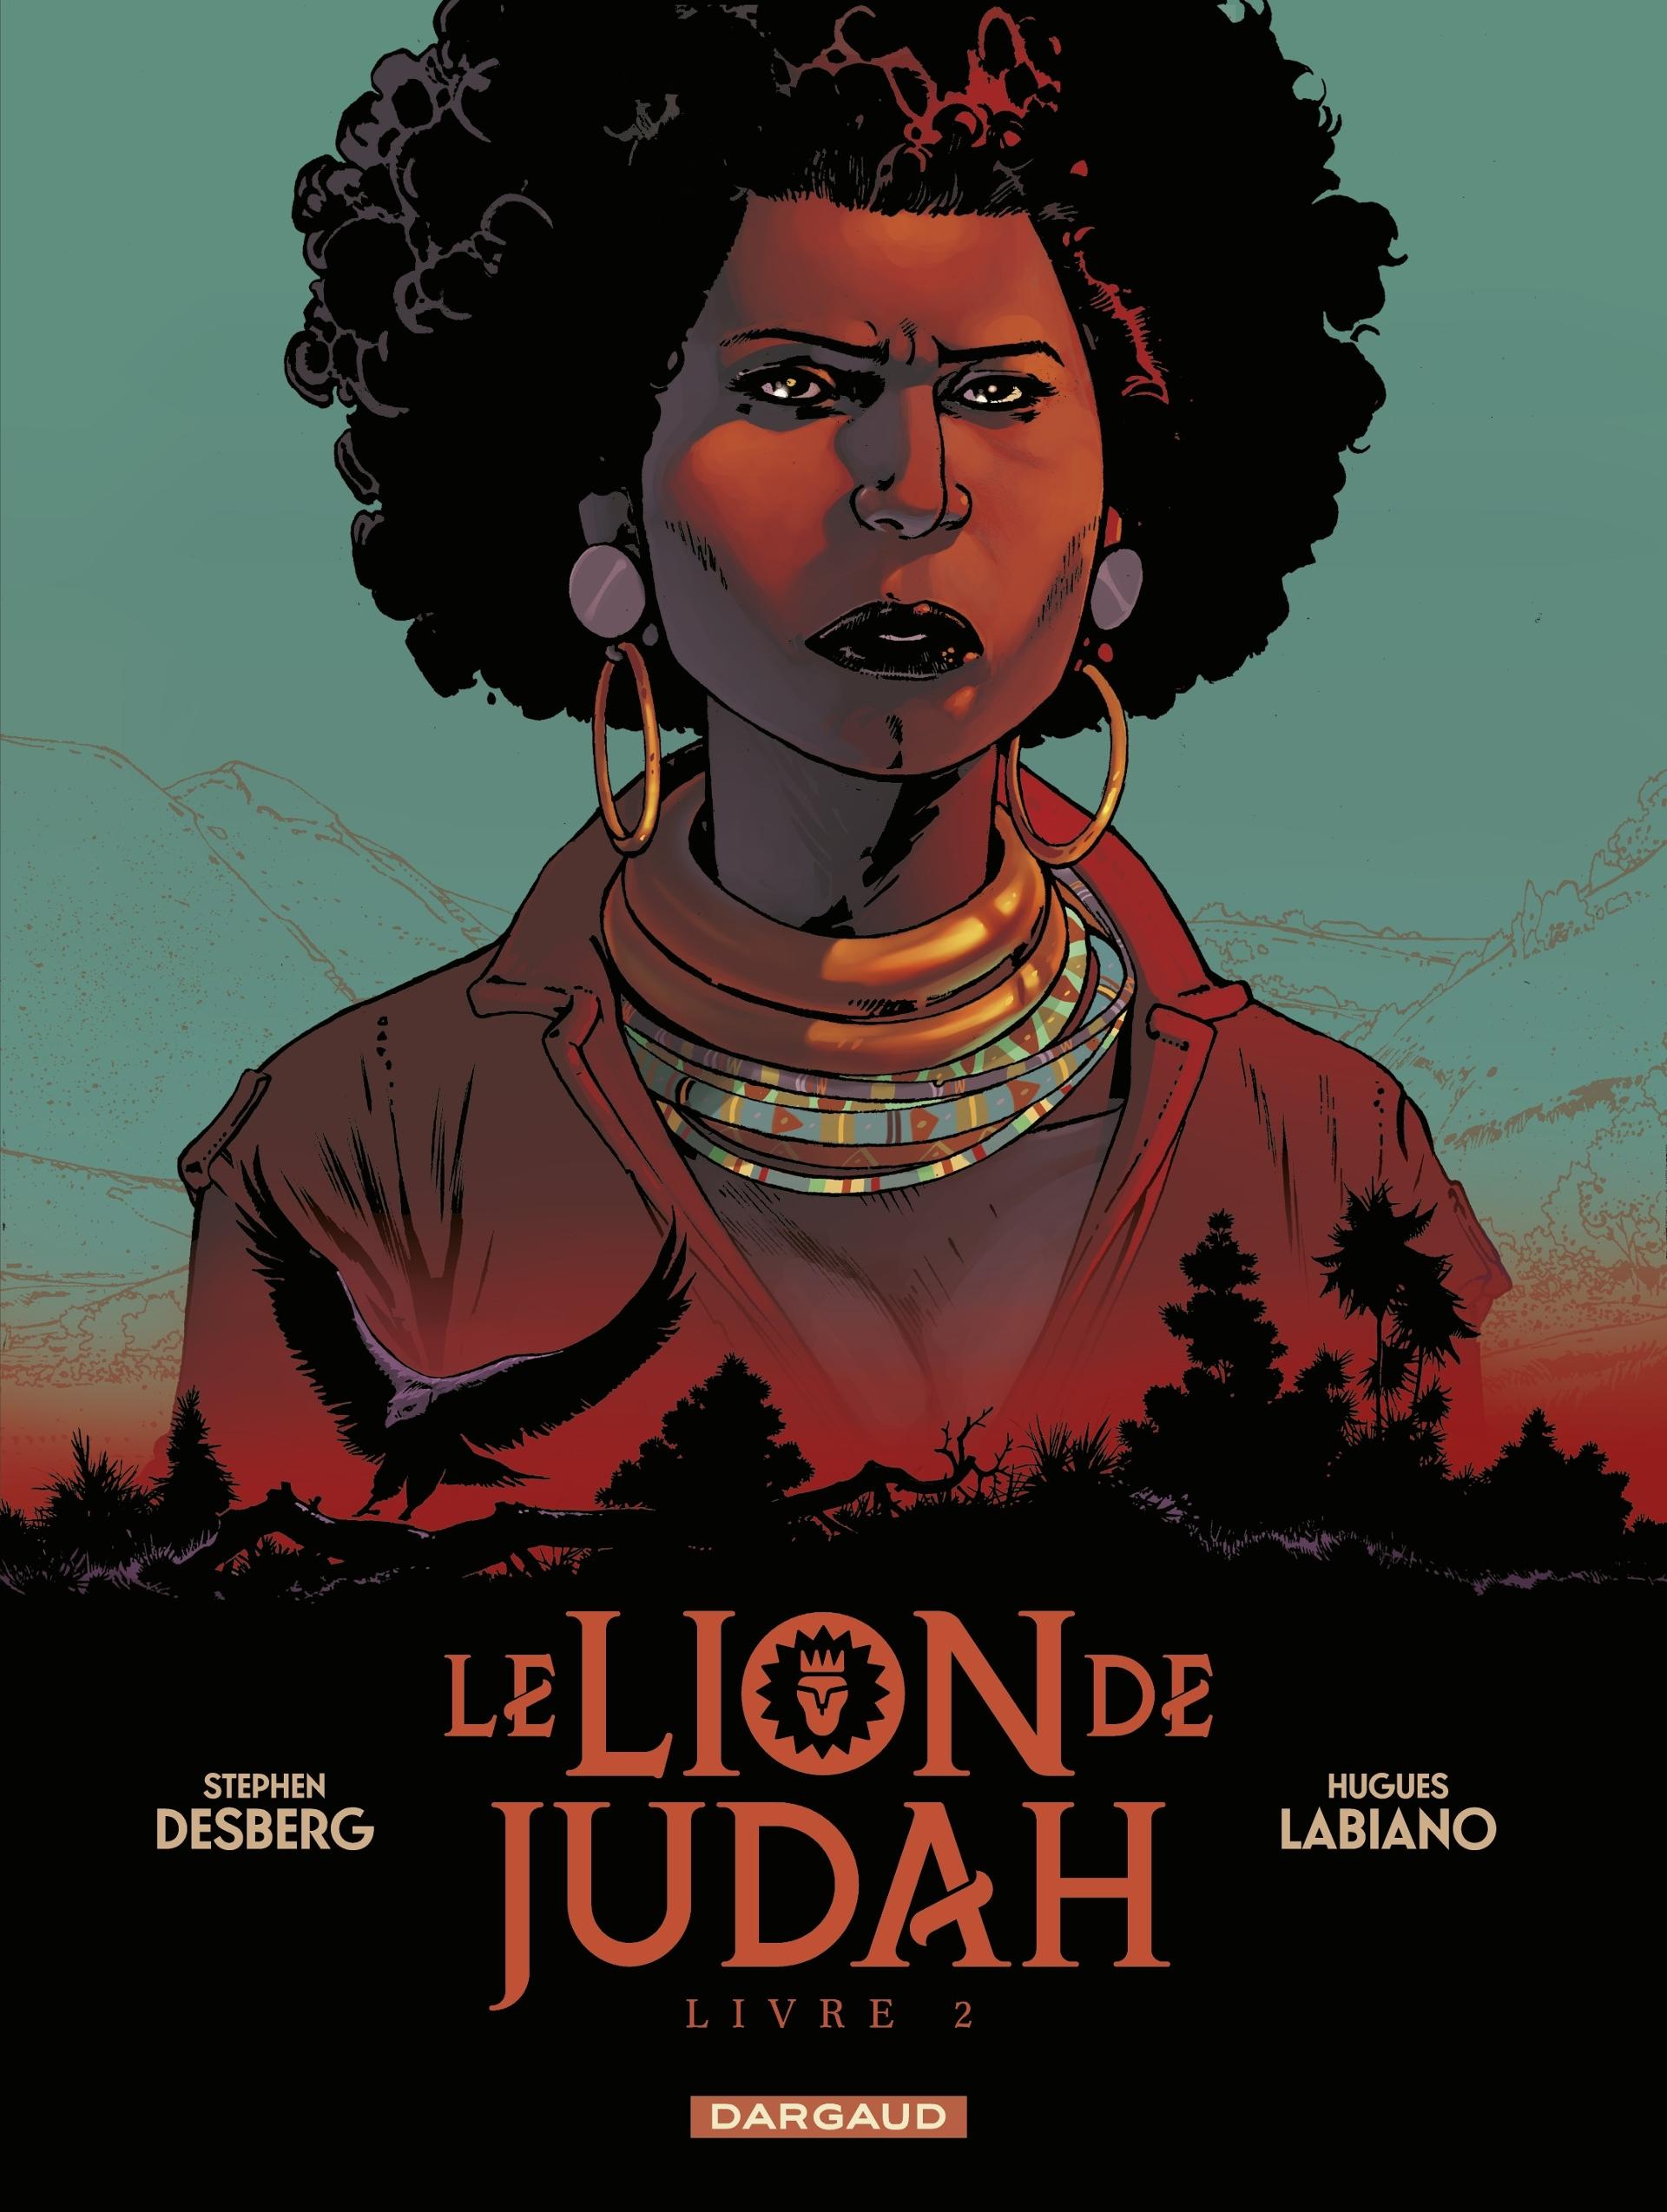 Le Lion de Judah 2 - Livre 2